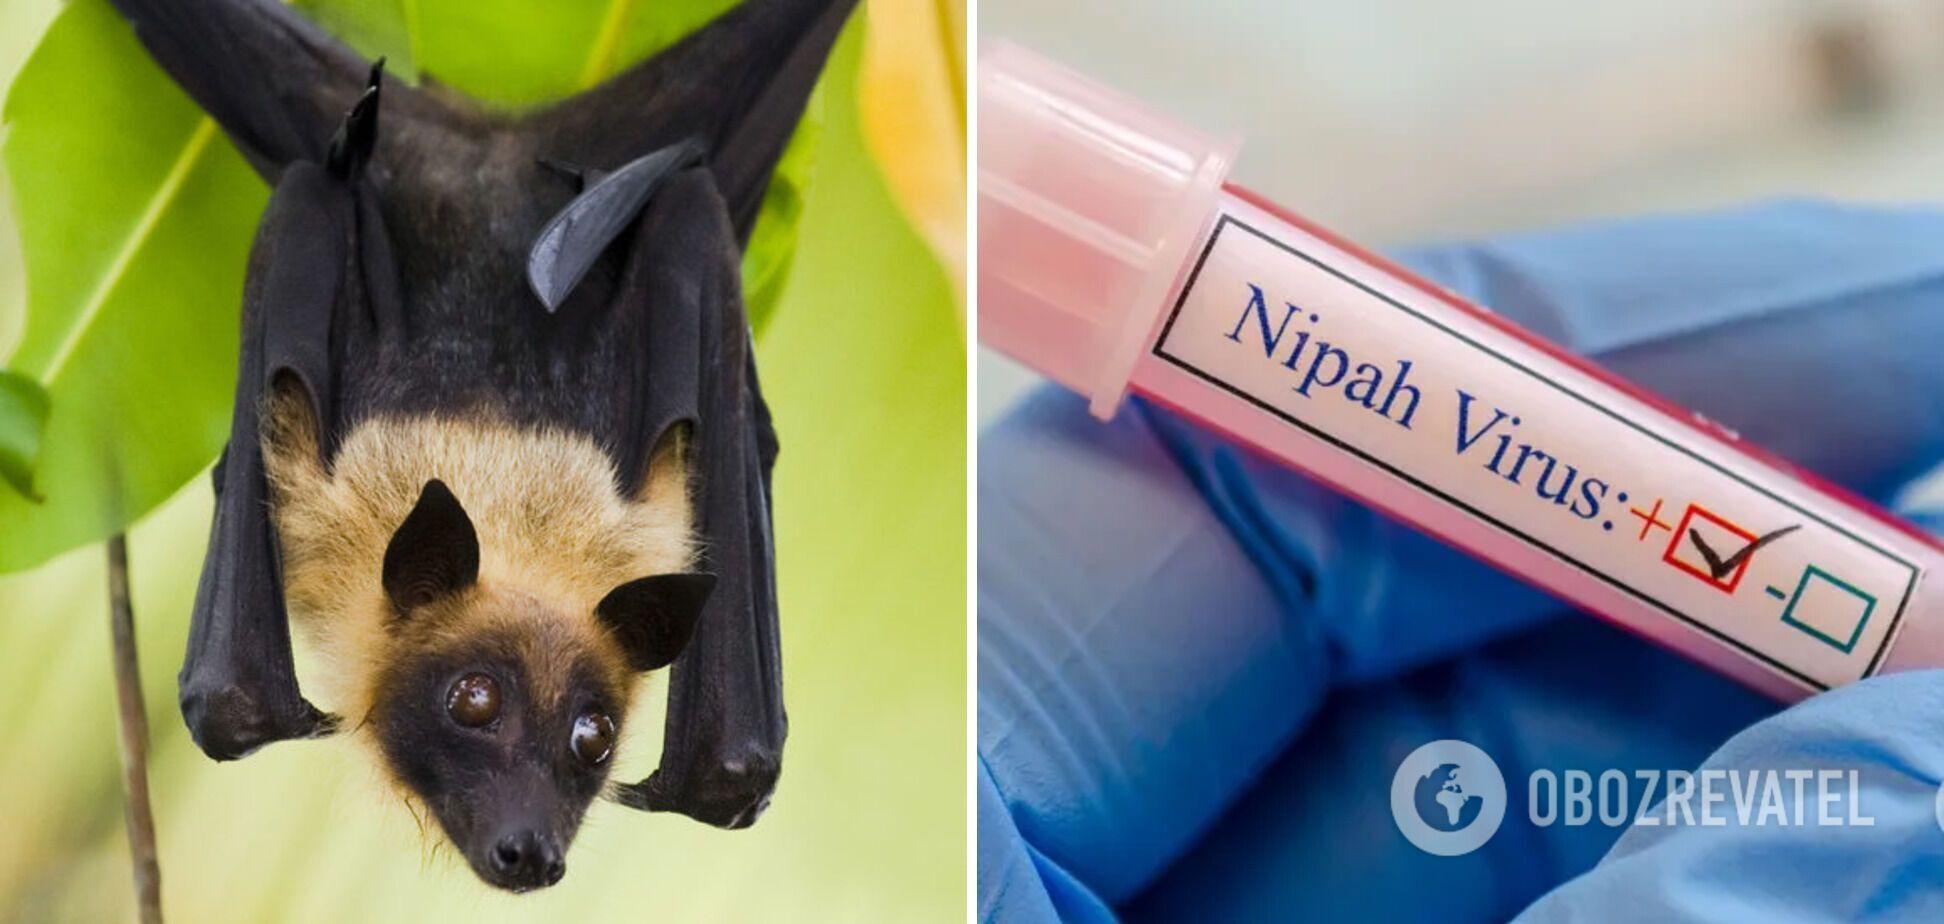 Вірус Nipah розносять крилани